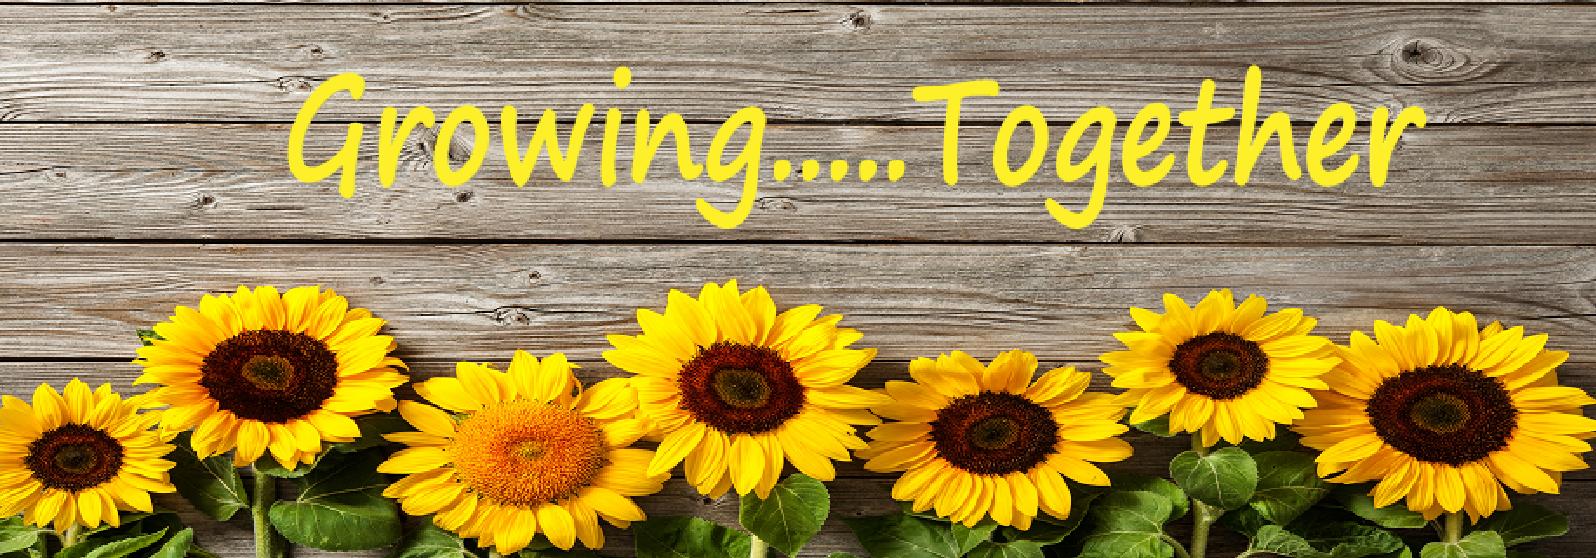 Sunflower image slide